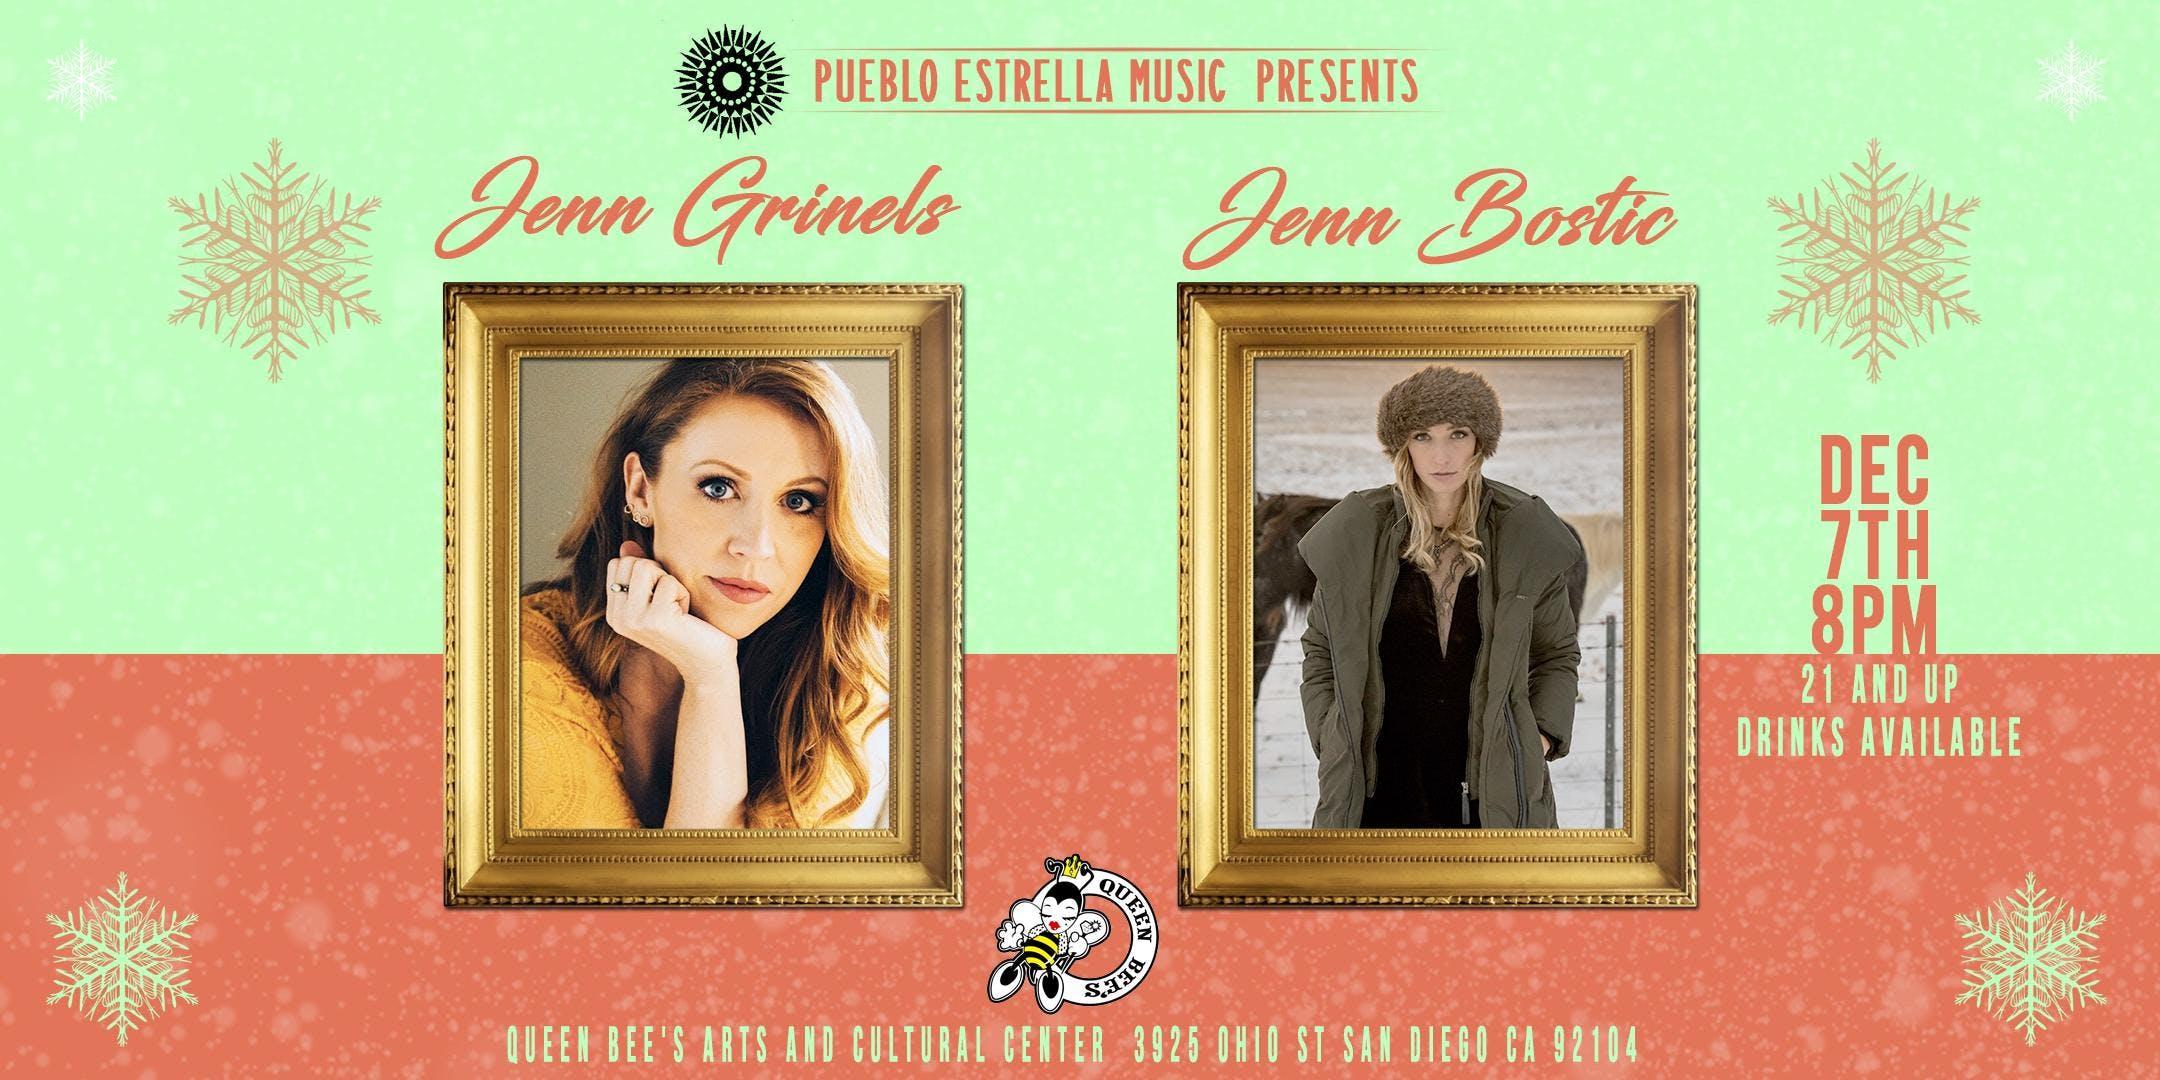 JENN GRINELS + JENN BOSTIC